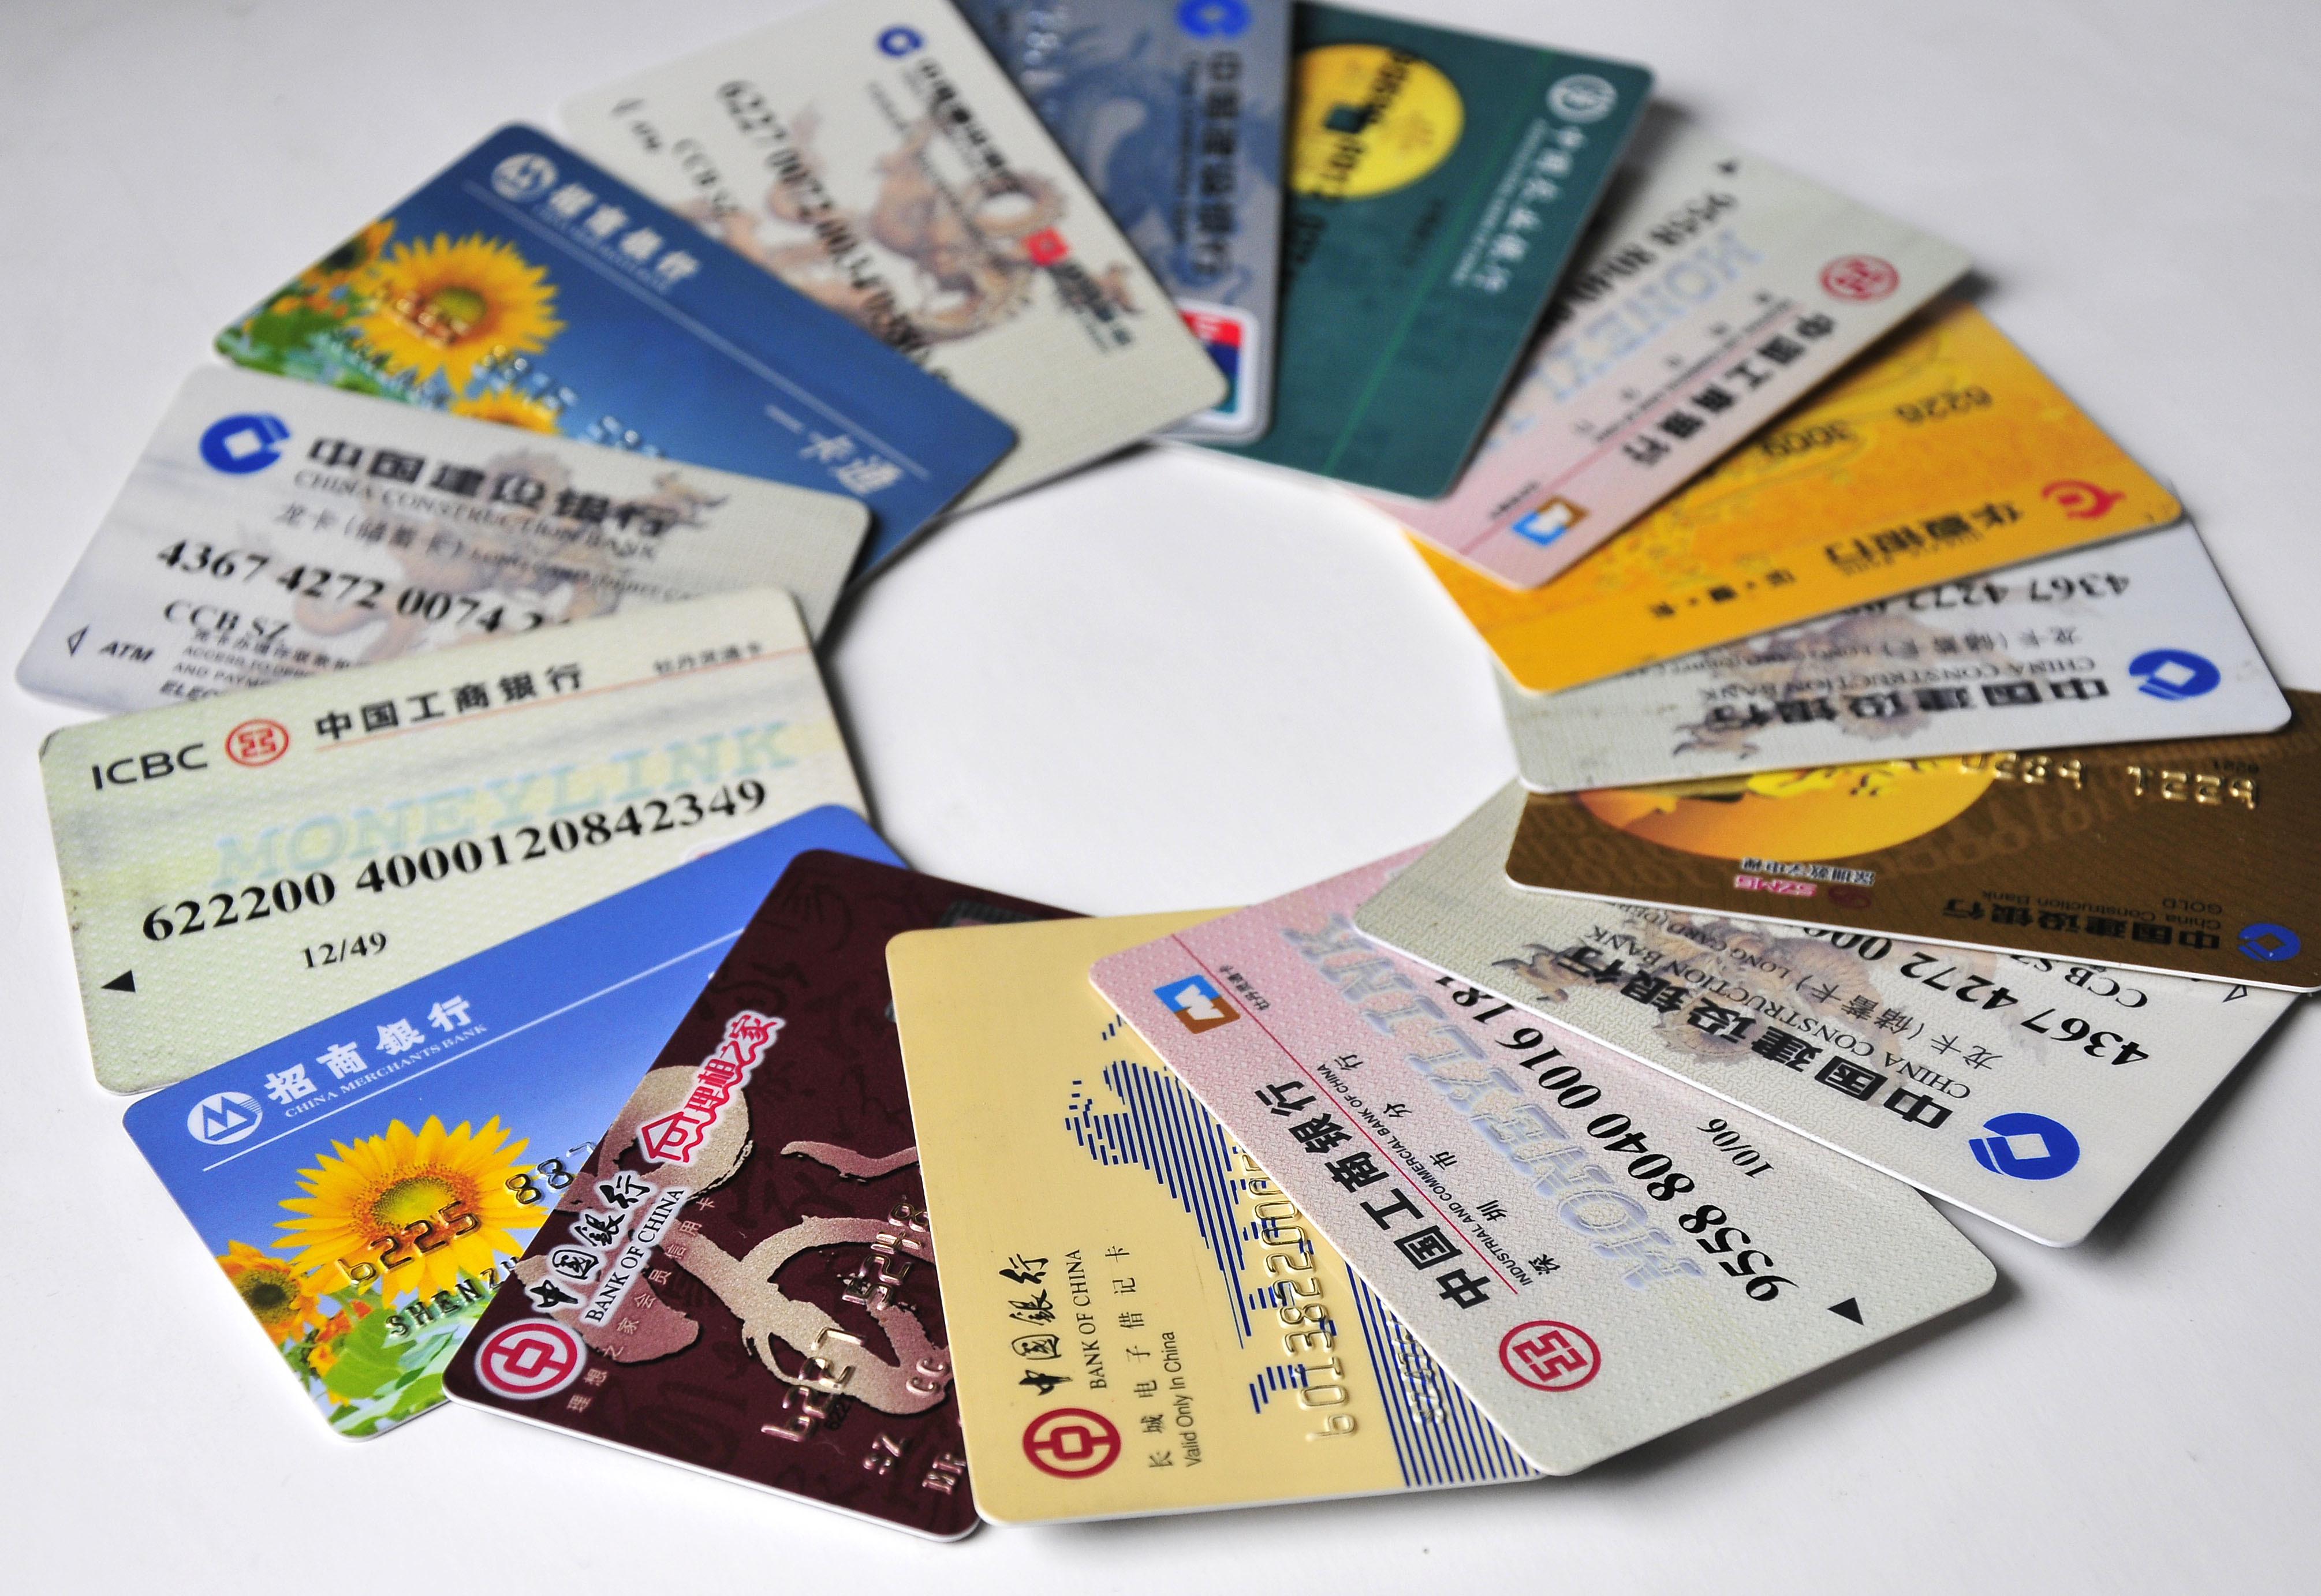 2019年这5张信用卡将成为大热卡!你入了几张了?